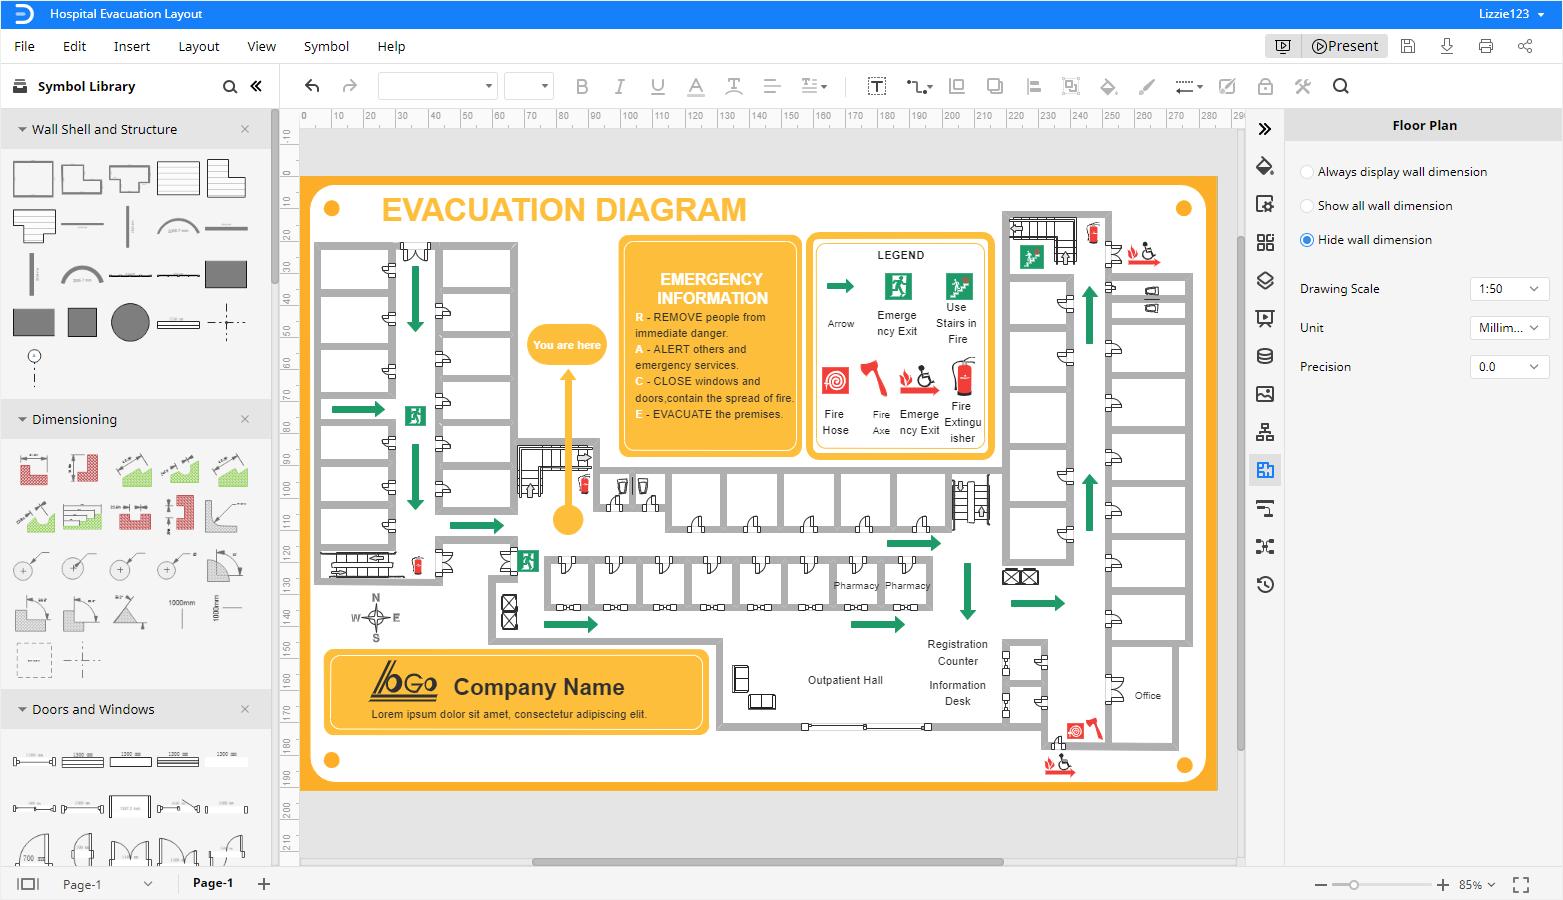 hospital evacuation layout